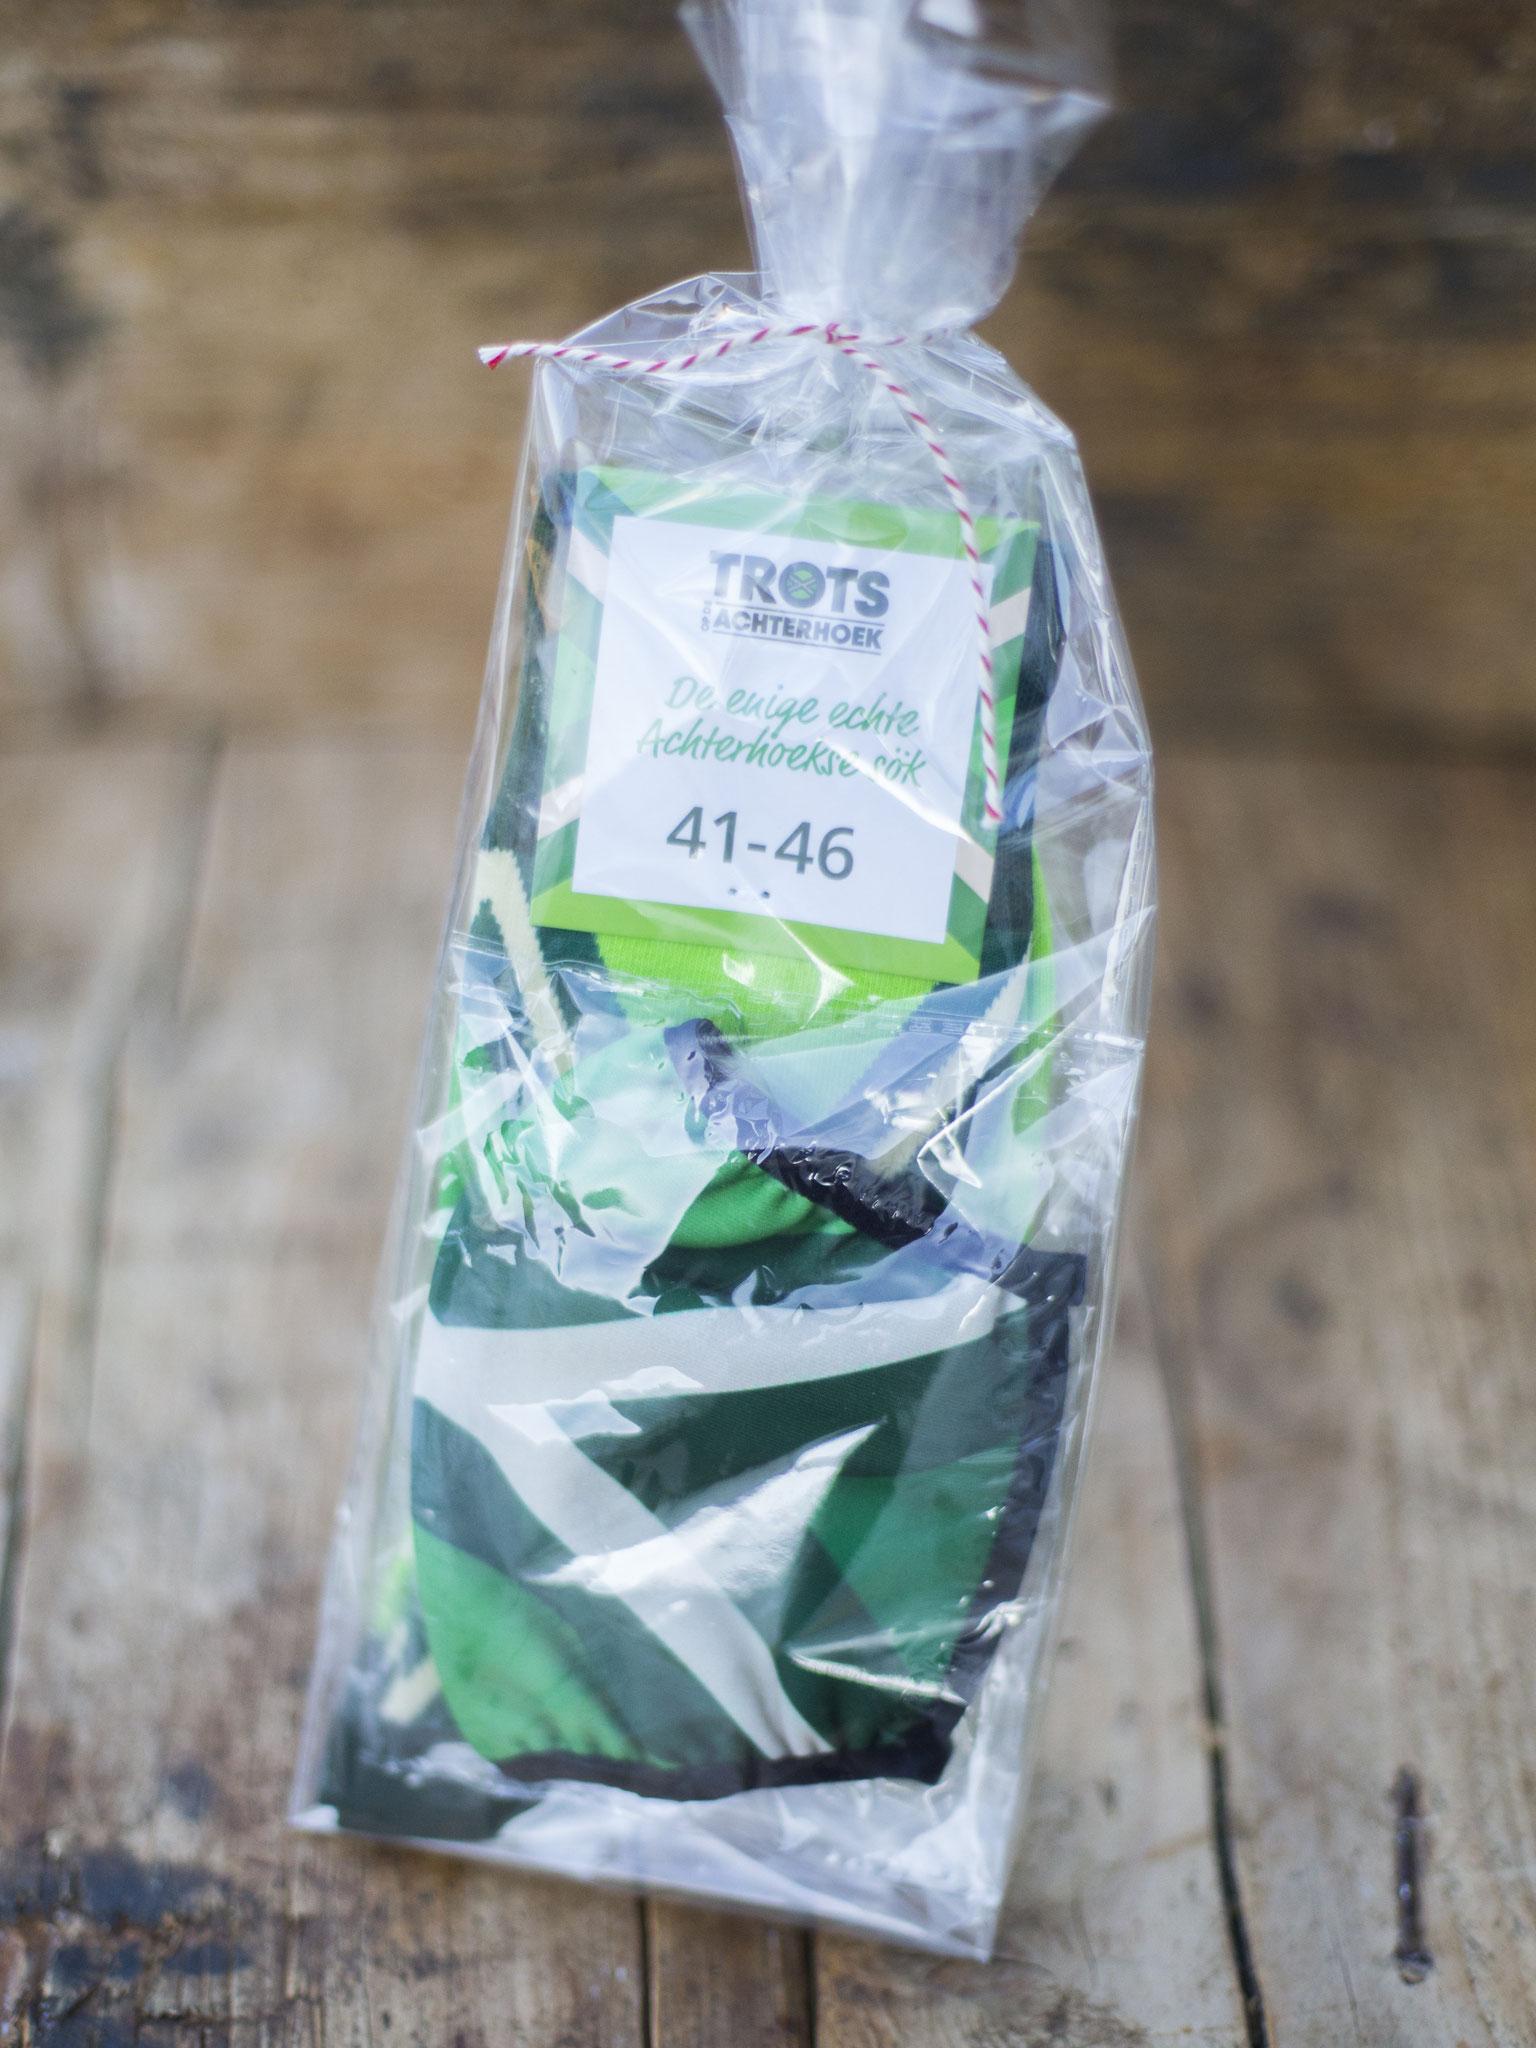 Trots op de Achterhoek sokken + mondkapje - Aangeboden door Trots op de Achterhoek